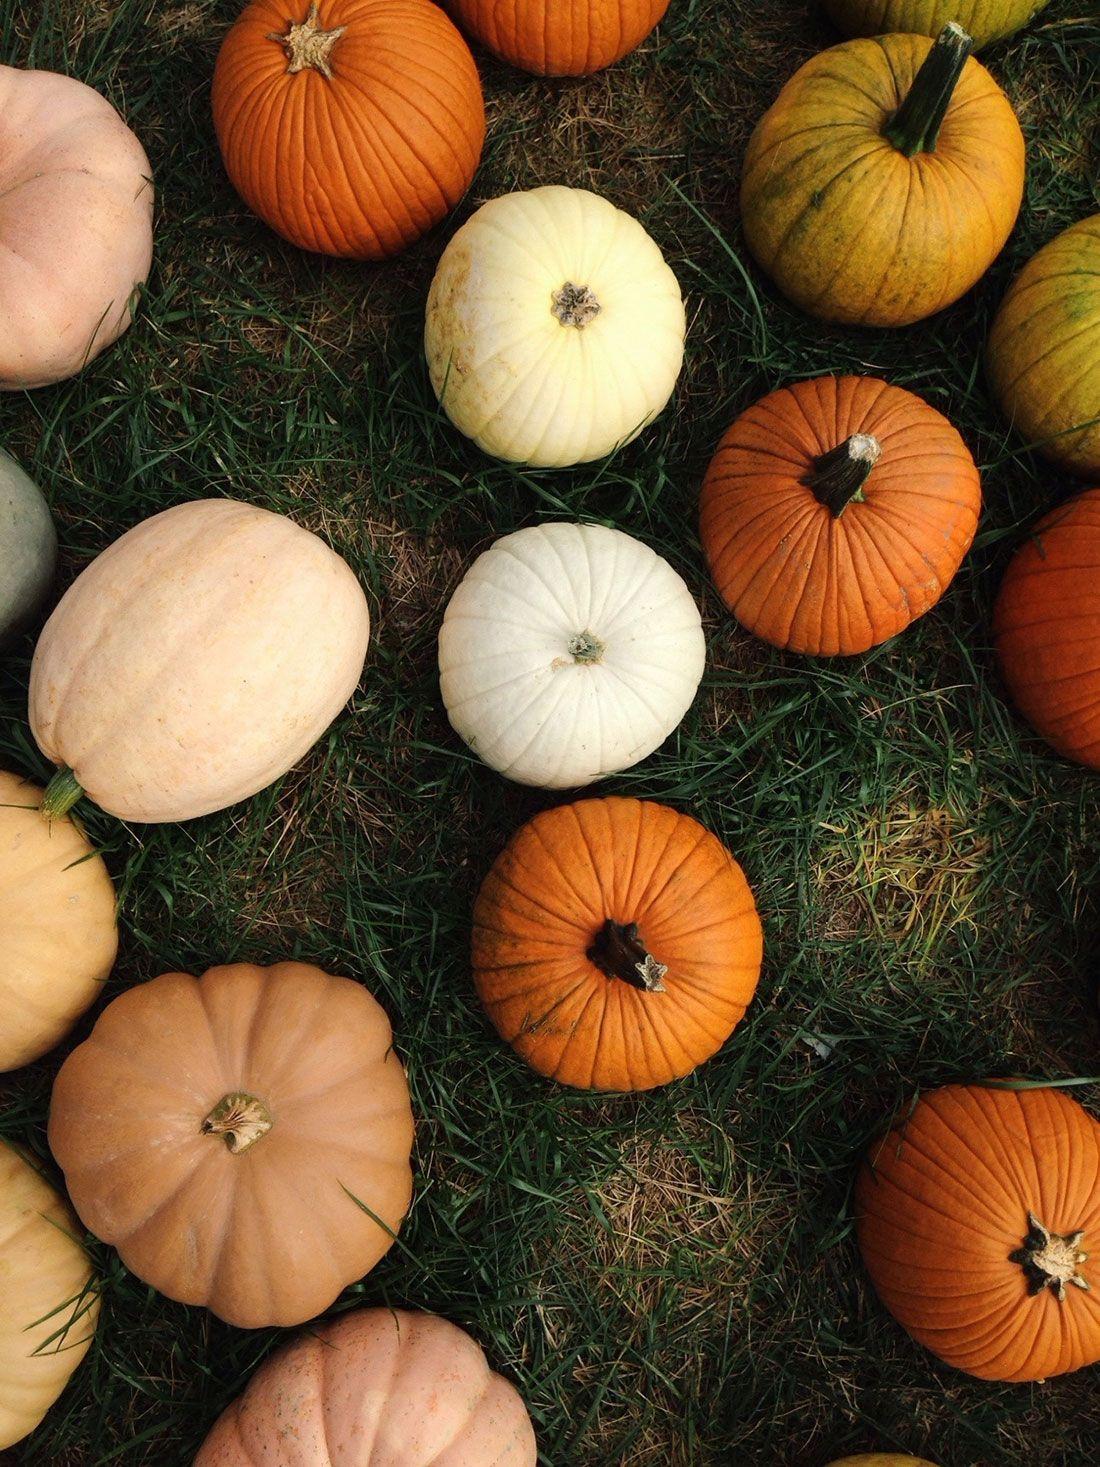 Aesthetic Halloween Backgrounds Pumpkin